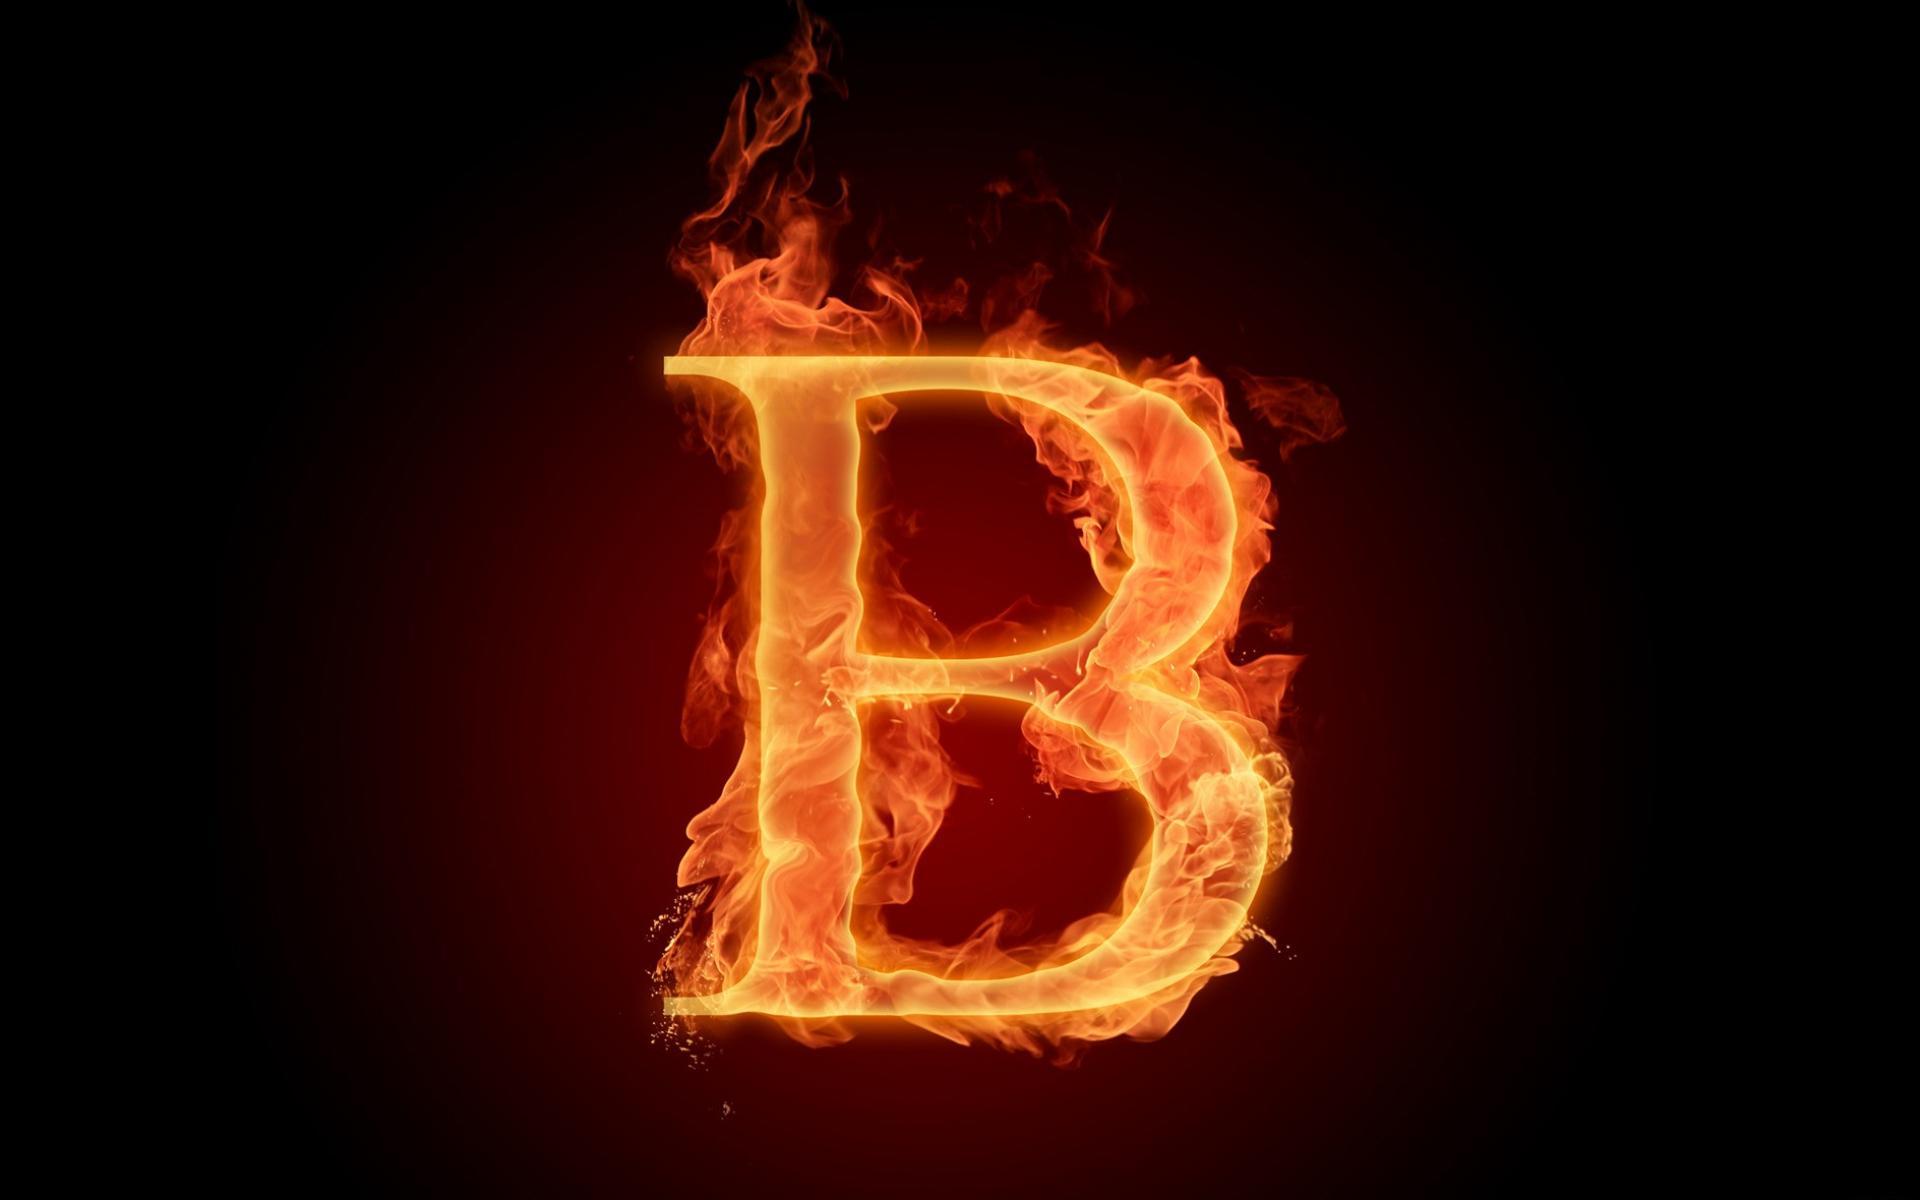 Скачать лого буква b - Скачать цветной логотип - бомба b - цветные ...